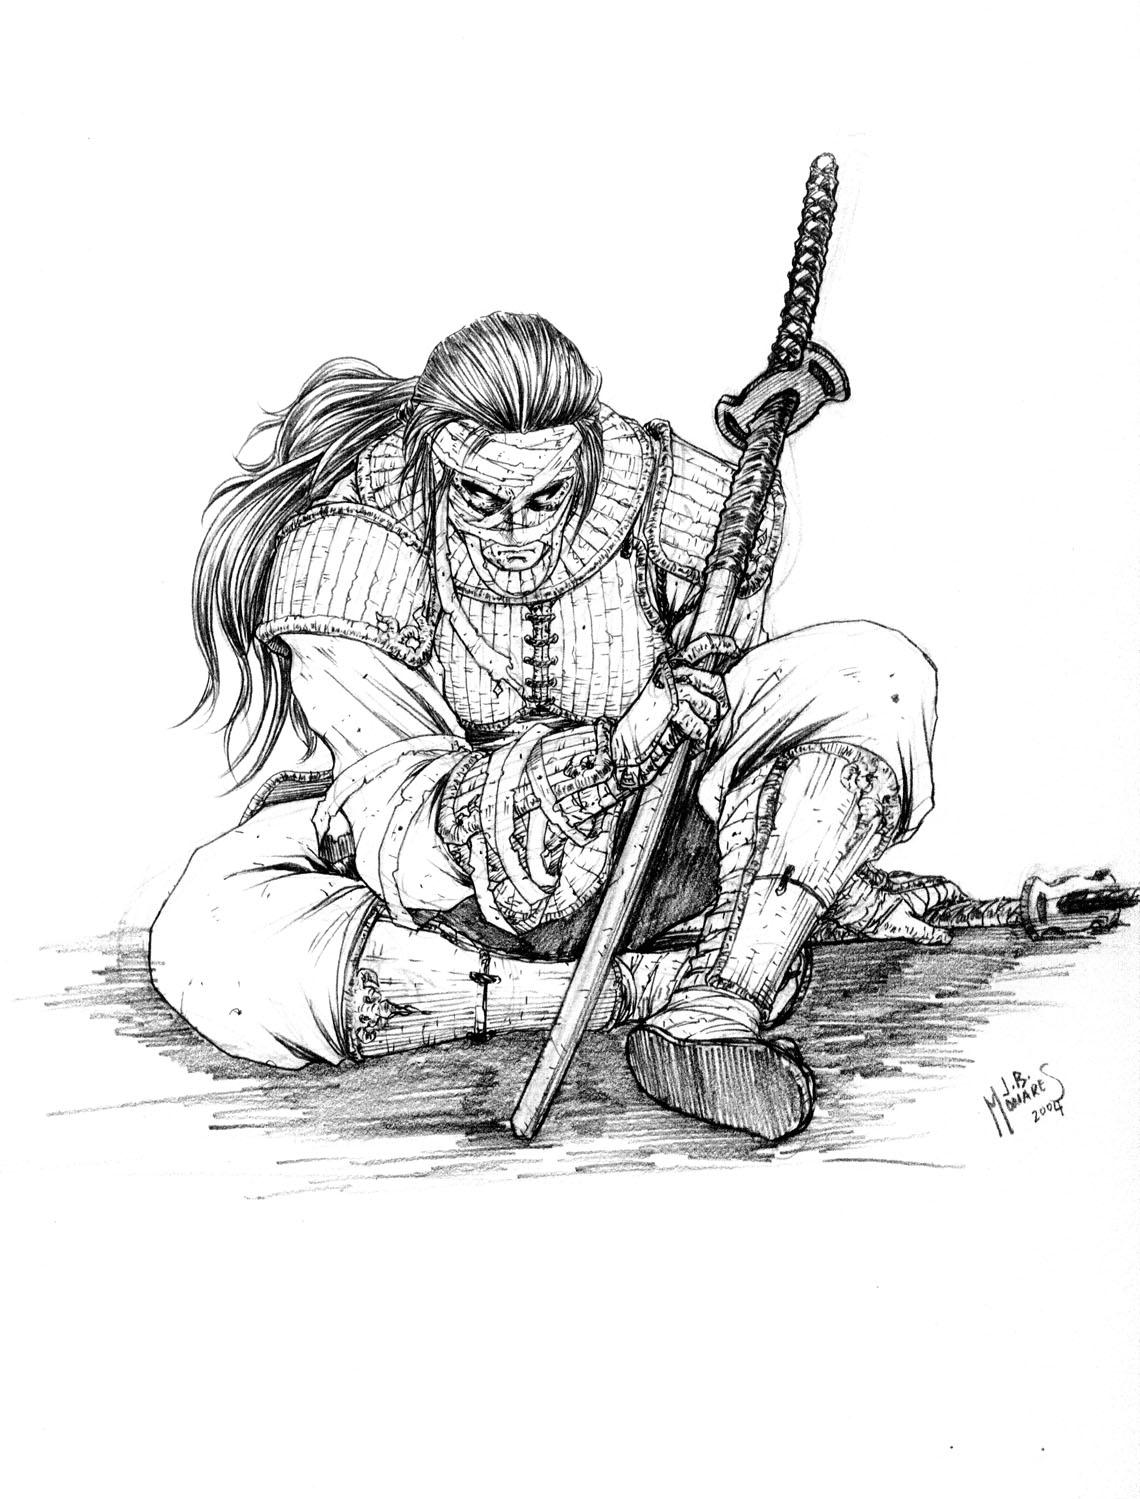 Drawn samurai DeviantArt werder by werder Samurai